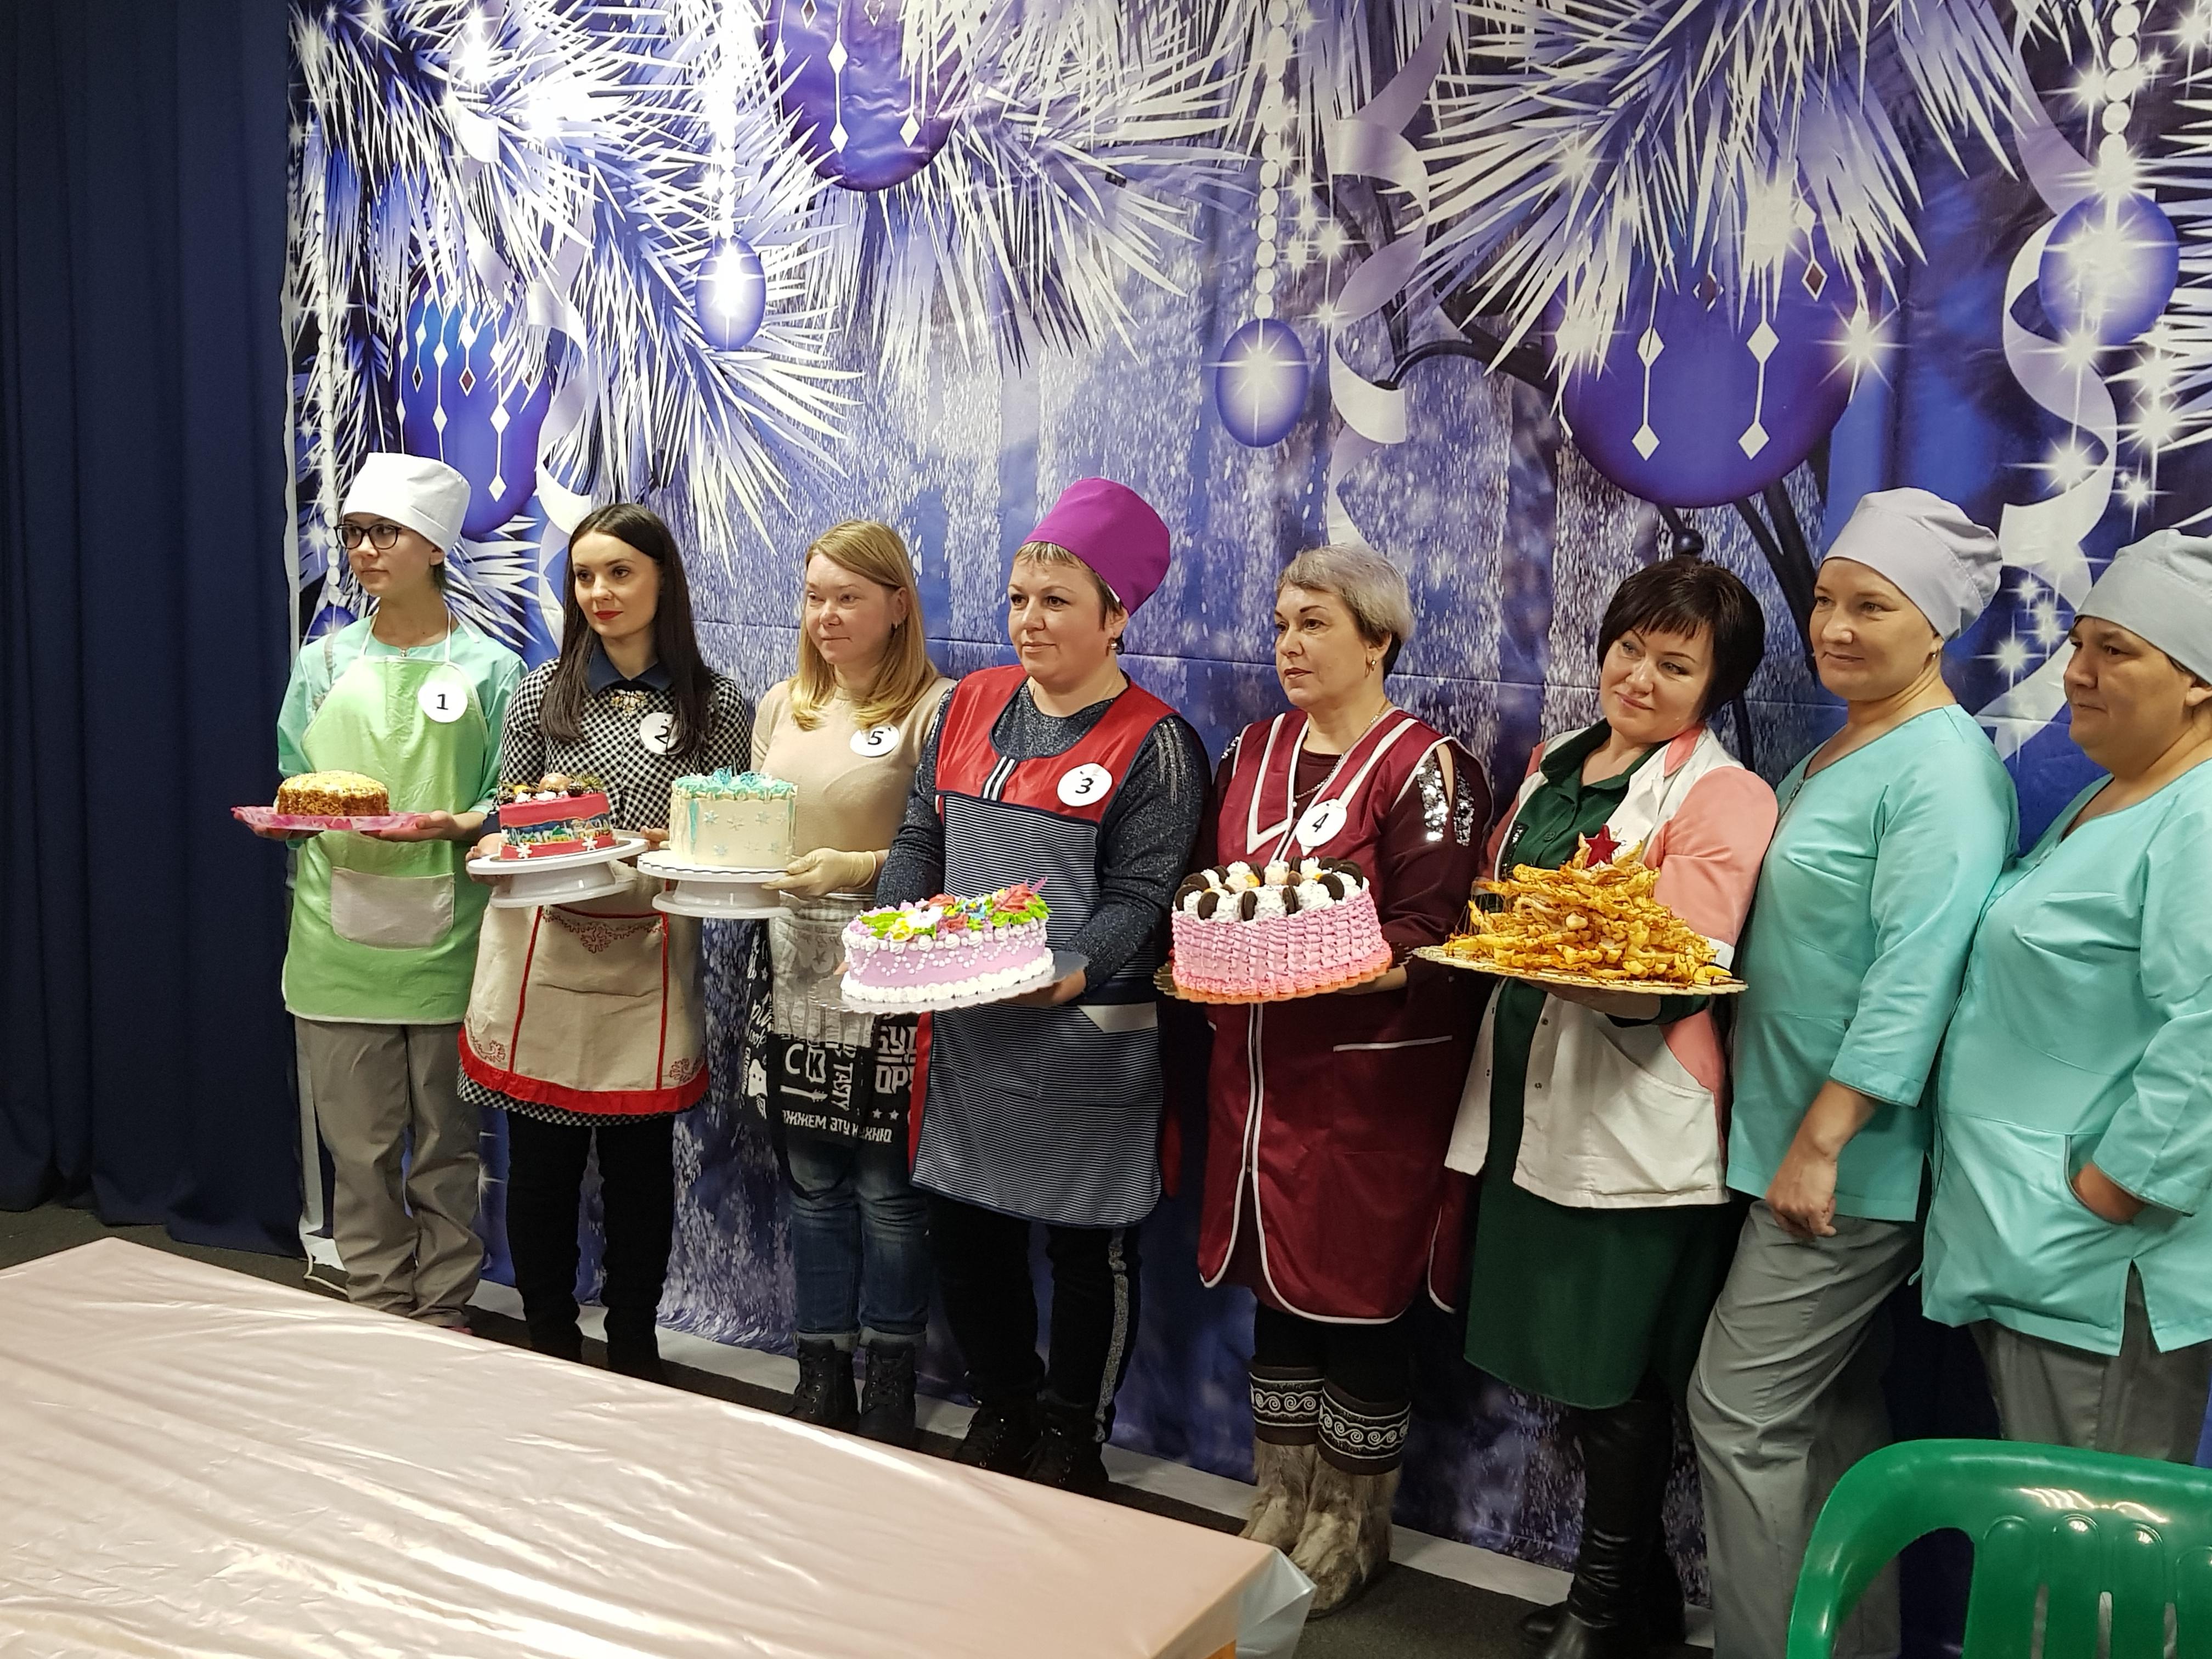 13 декабря 2019 года в МКДЦ «Овация» состоялся конкурс «Лучший пекарь-кондитер2019 года» в муниципальном районе «Чернышевский район».